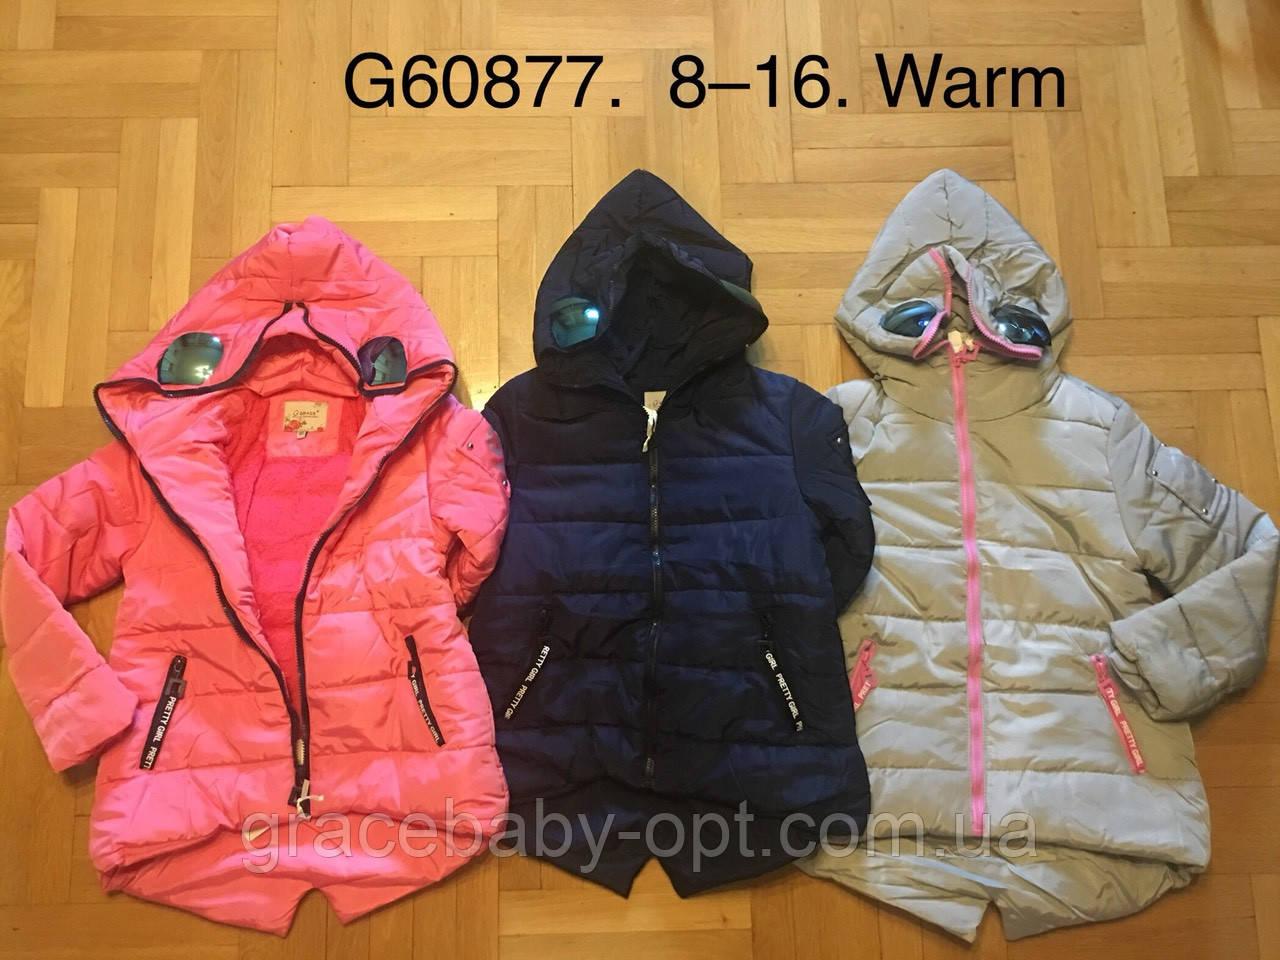 88df4a805298 Куртка утепленная для девочек оптом, Grace, 8-16 лет, № G60877, цена ...